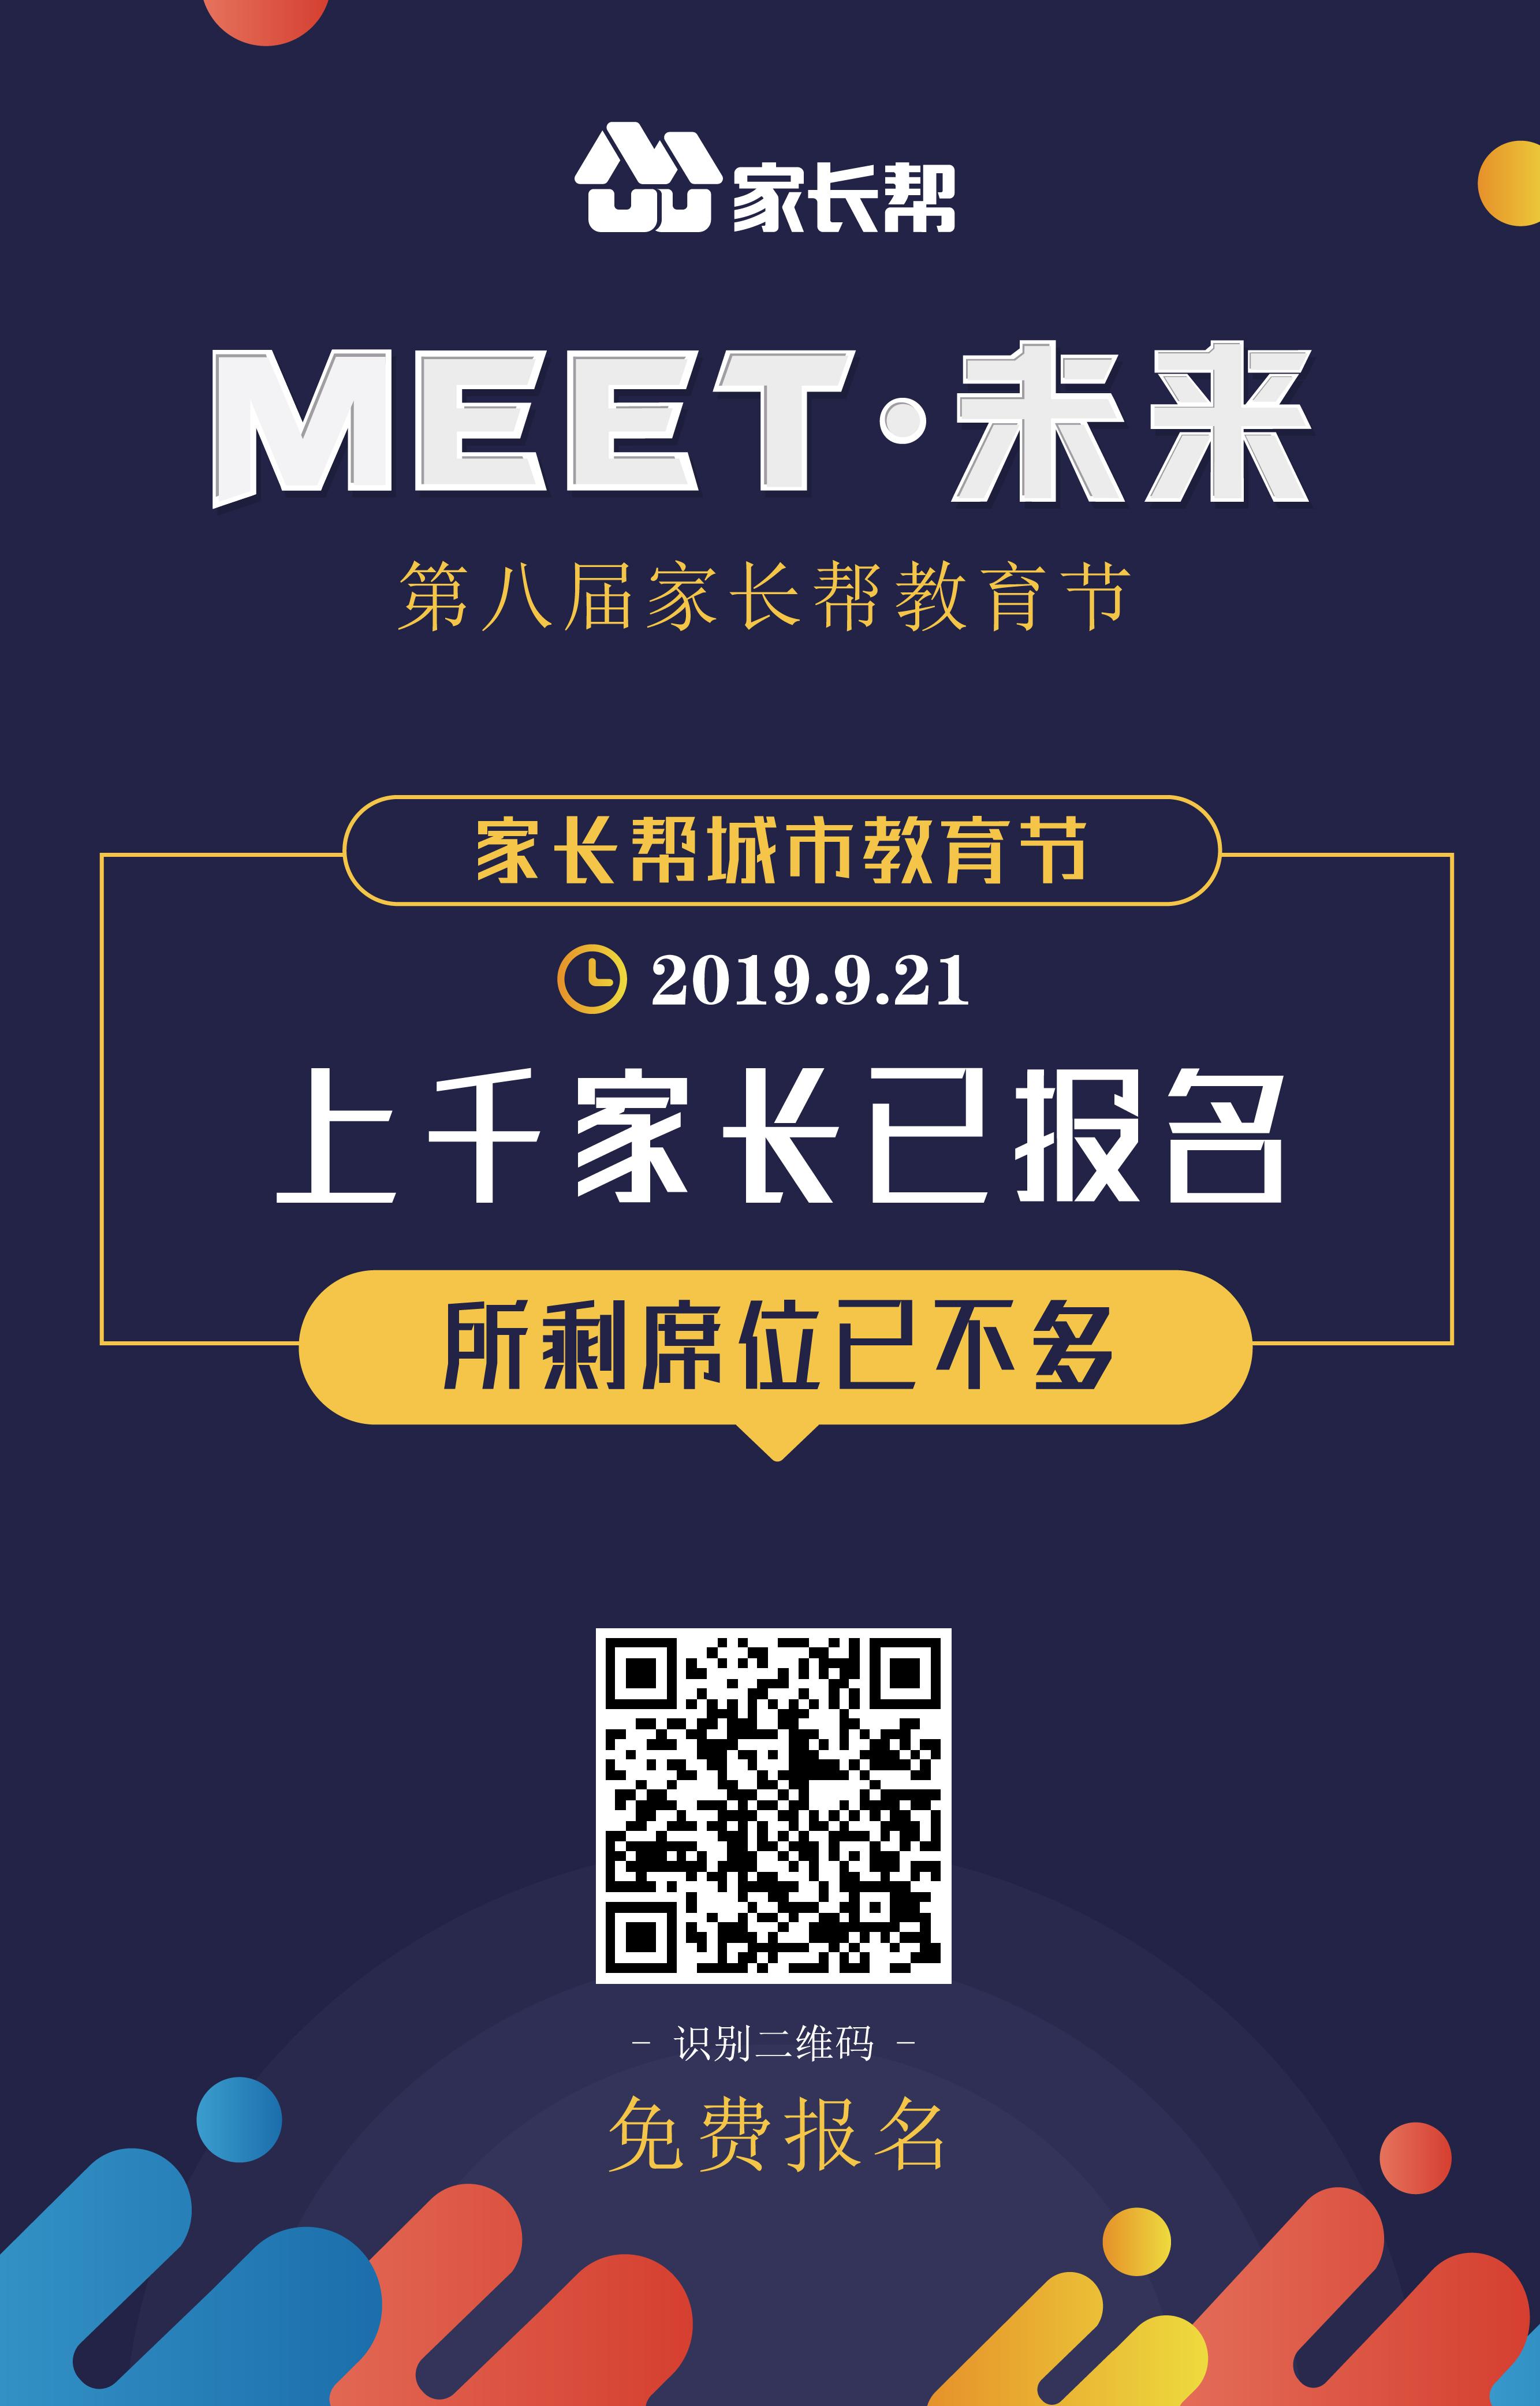 重庆微信朋友圈(海报)-05-05.jpg